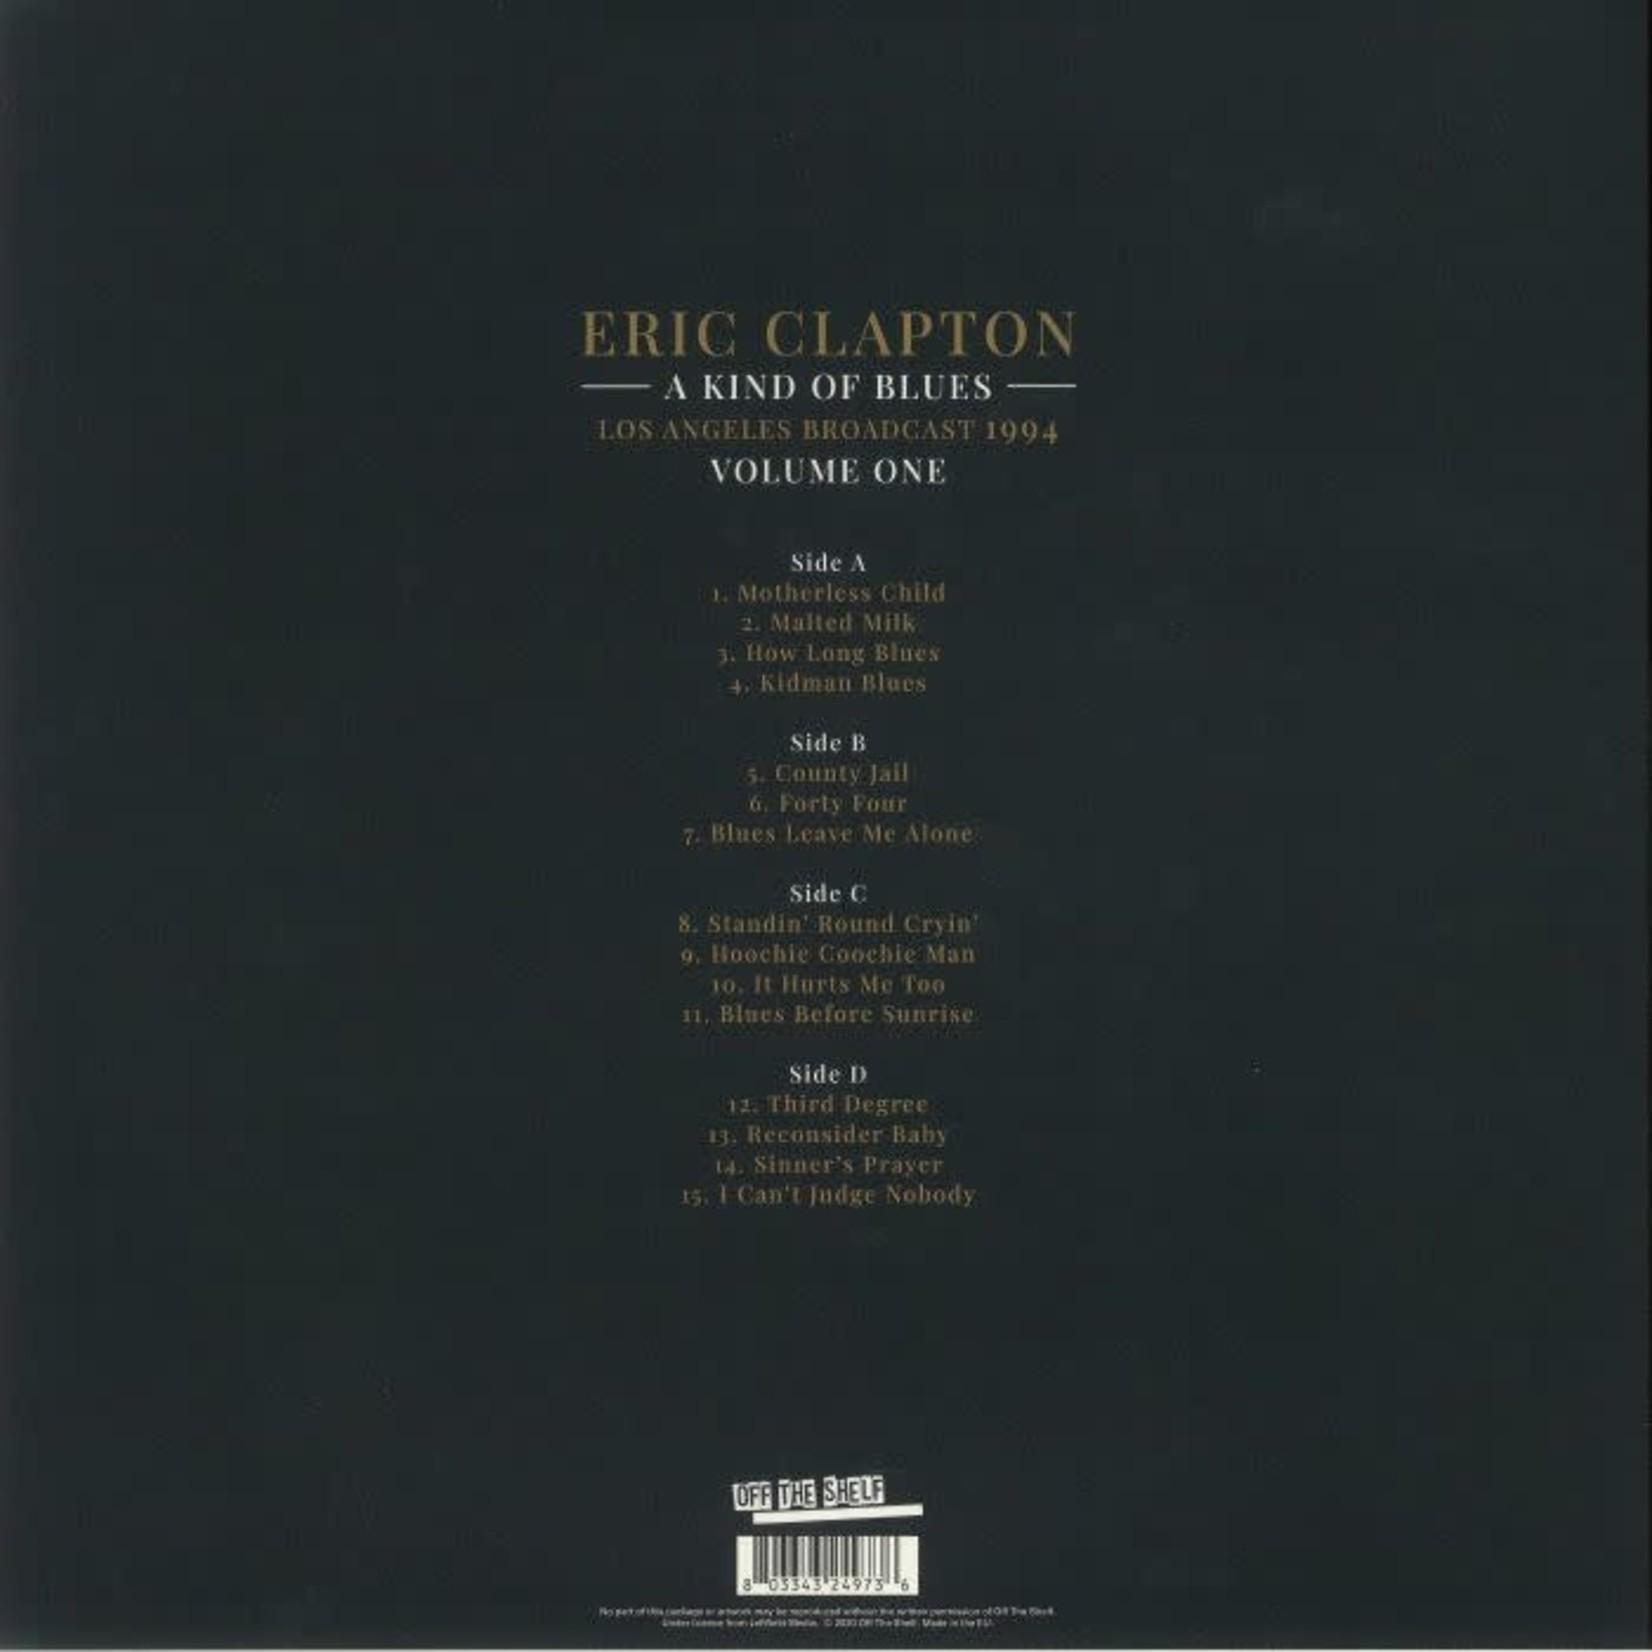 ERIC CLAPTON A KIND OF BLUES VOL. 1 (2LP)